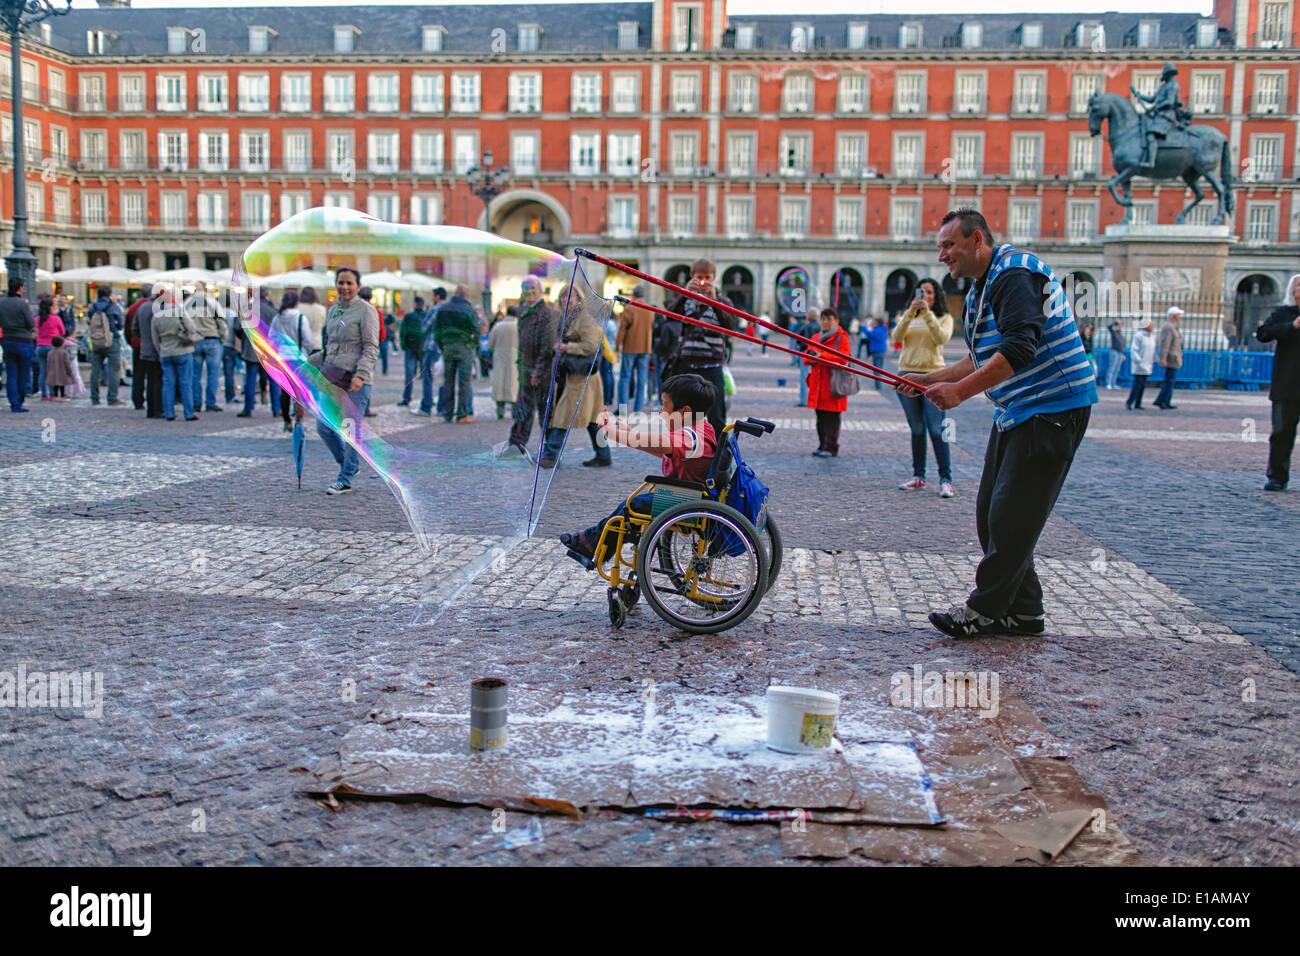 Bolla di sapone artista avvolgente per bambini portatori di handicap in carrozzina con bolla di sapone, Plaza Mayor, Madrid, Spagna Immagini Stock